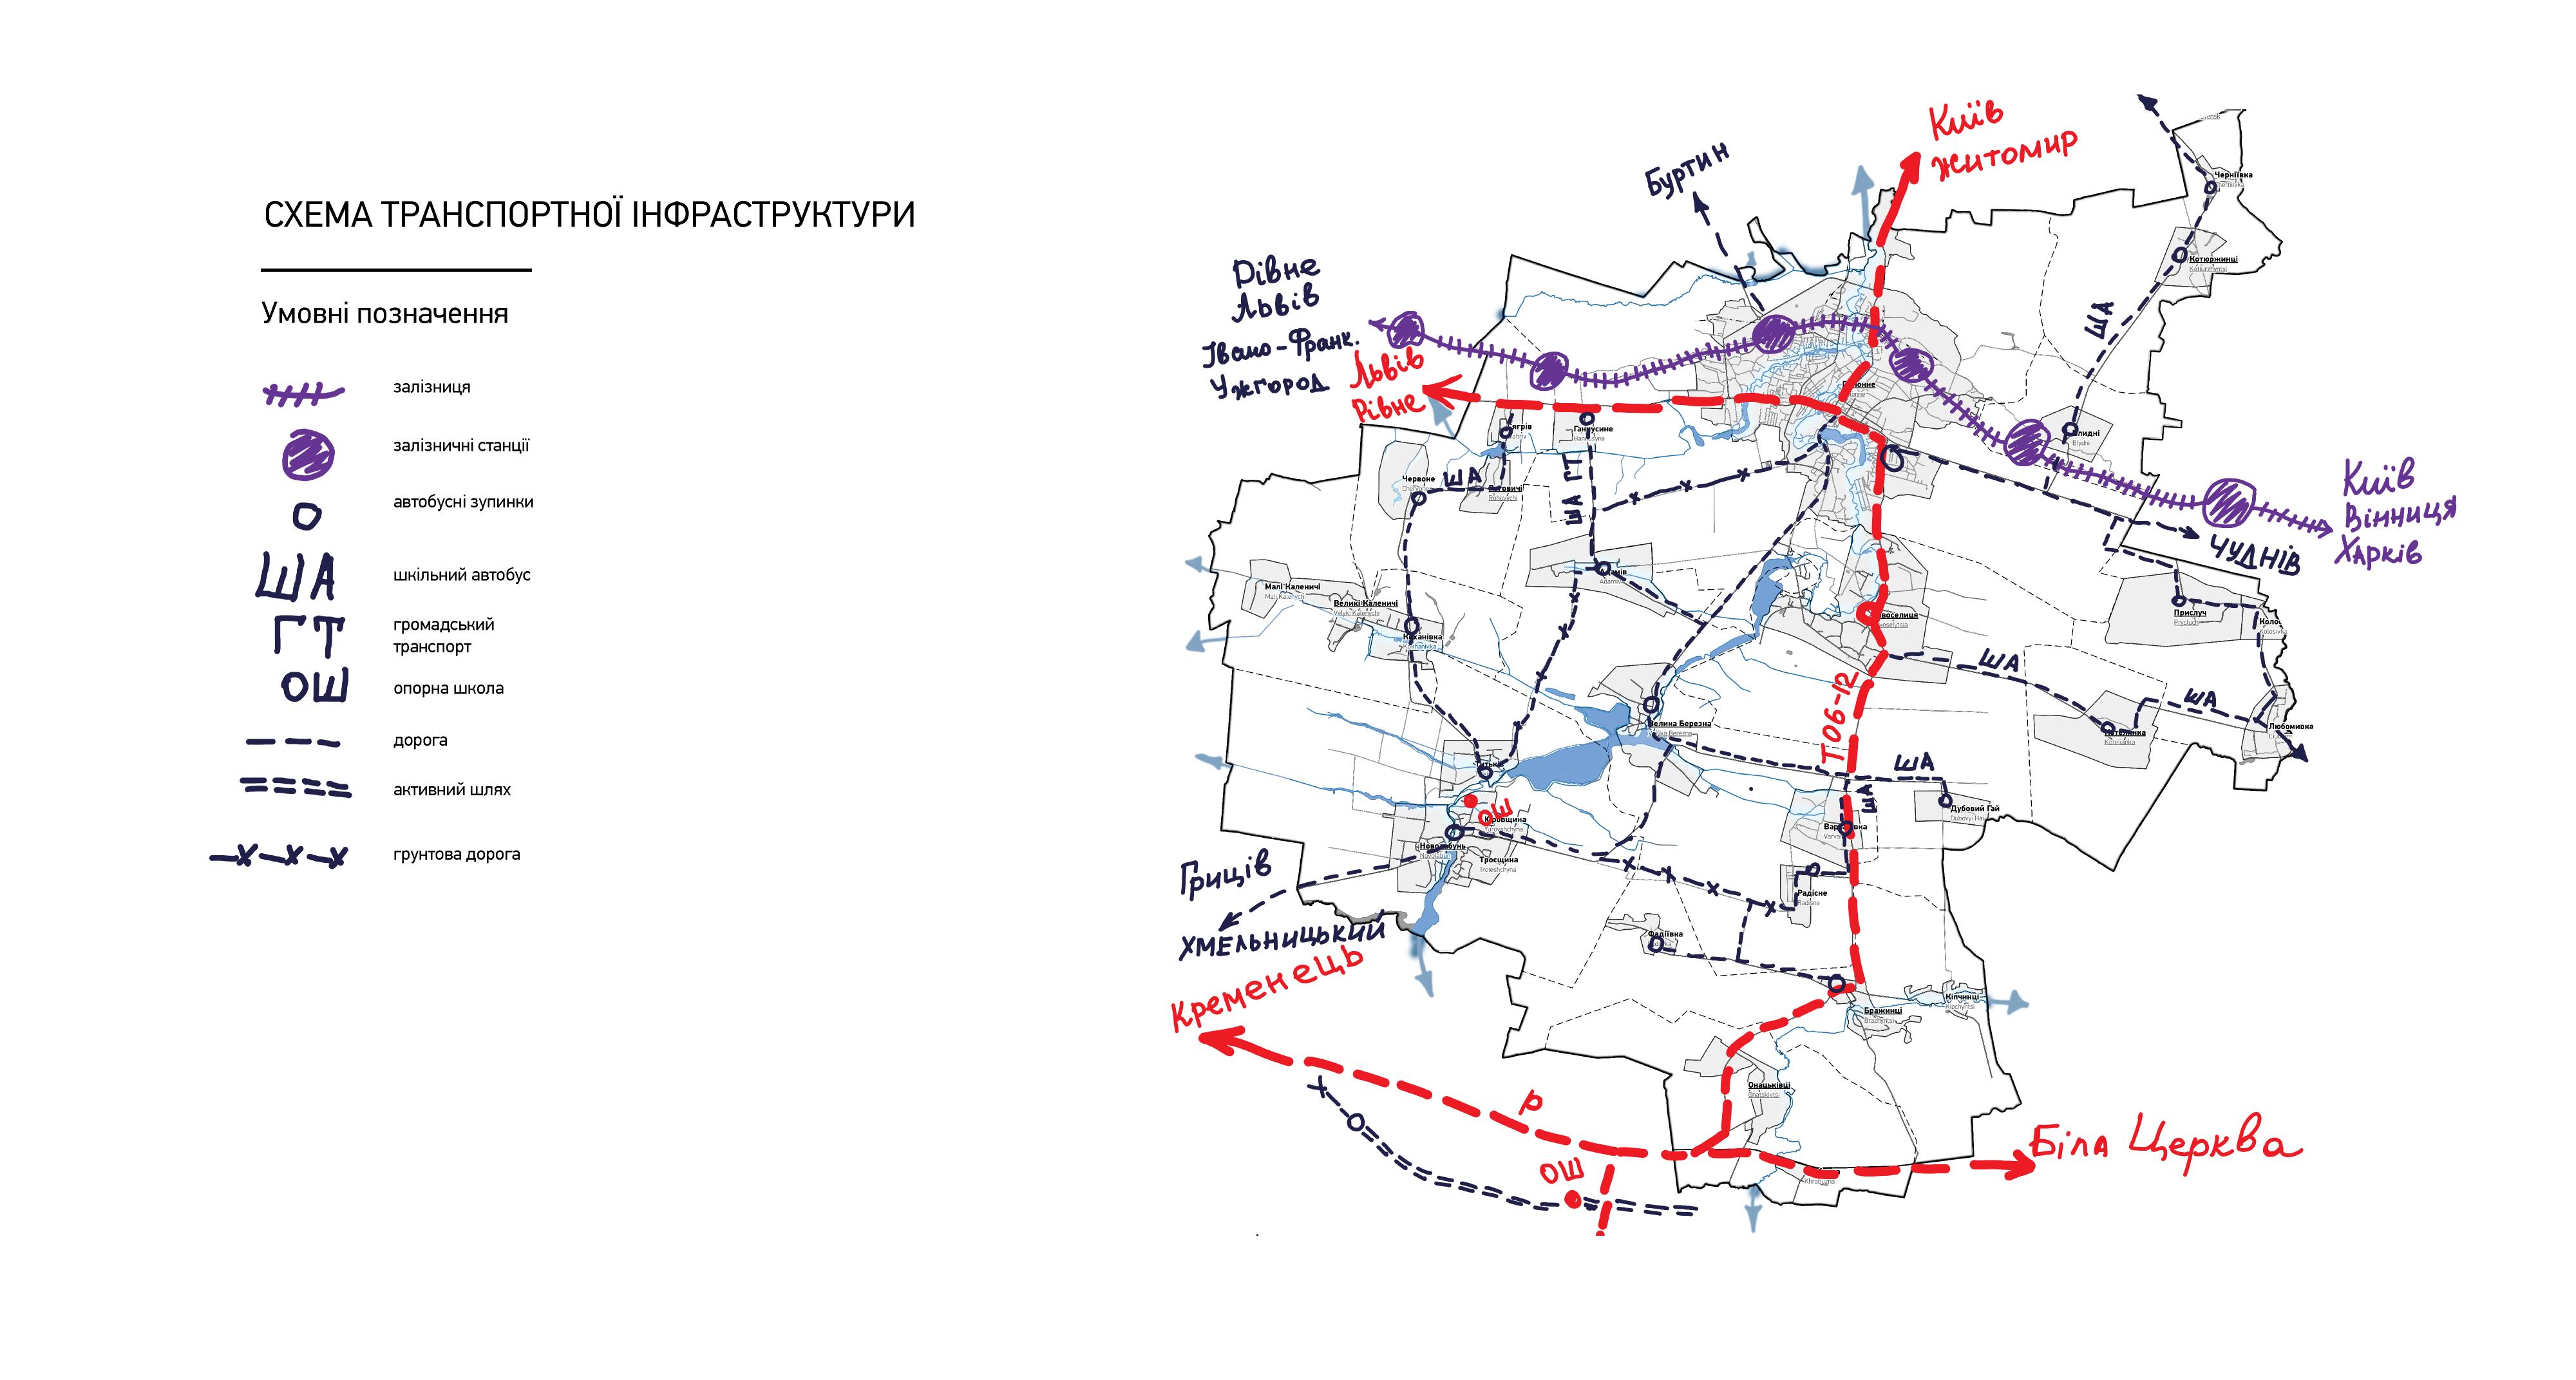 транспортна інфраструктура